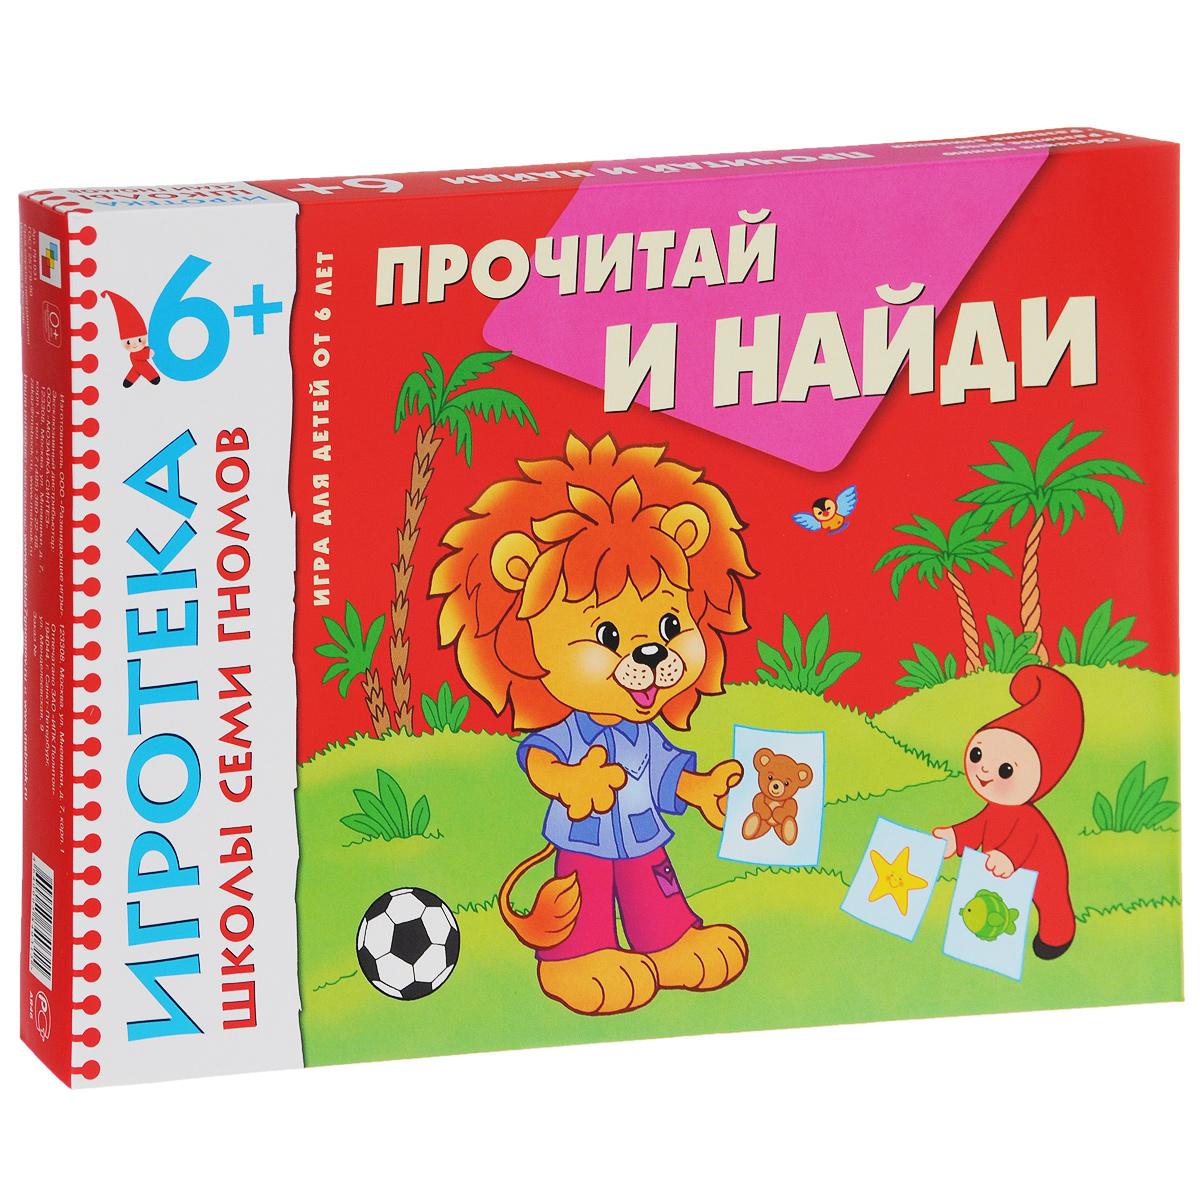 Прочитай и найди. Развивающая игра12296407Прочитай и найди - развивающая игра для занятий с детьми от 6 года. Цель игры - Обучение чтению, развитие речи, развитие внимания. Состав игры: 18 карточек с сюжетными картинками; 88 табличек с предложениями; инструкция. Формат одной карточки: 9,5 см х 13 см. Формат маленькой карточки: 1,3 см х 13,5см.